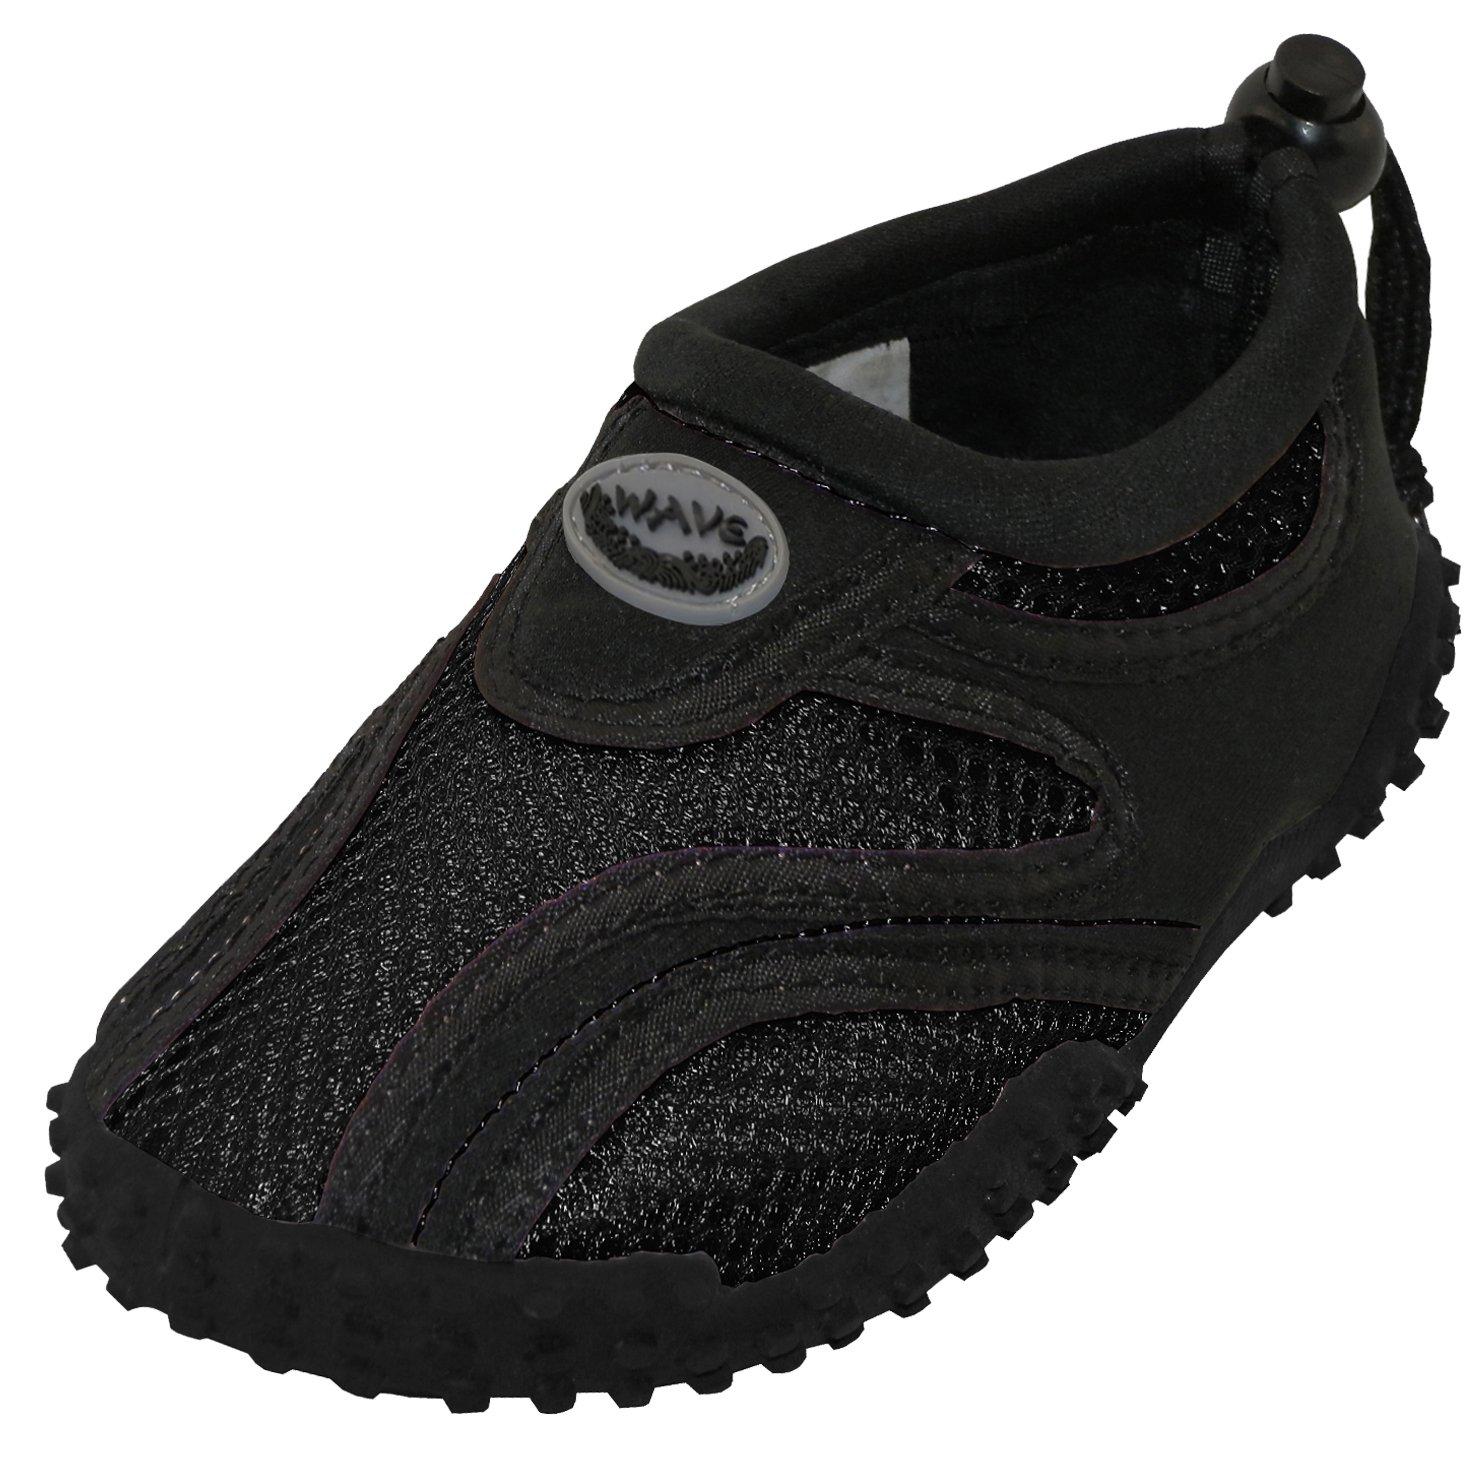 Cambridge Select Toddler's Slip-On Mesh Quick Dry Drawstring Non-Slip Water Shoe (Toddler),9 M US Toddler,Black/Black